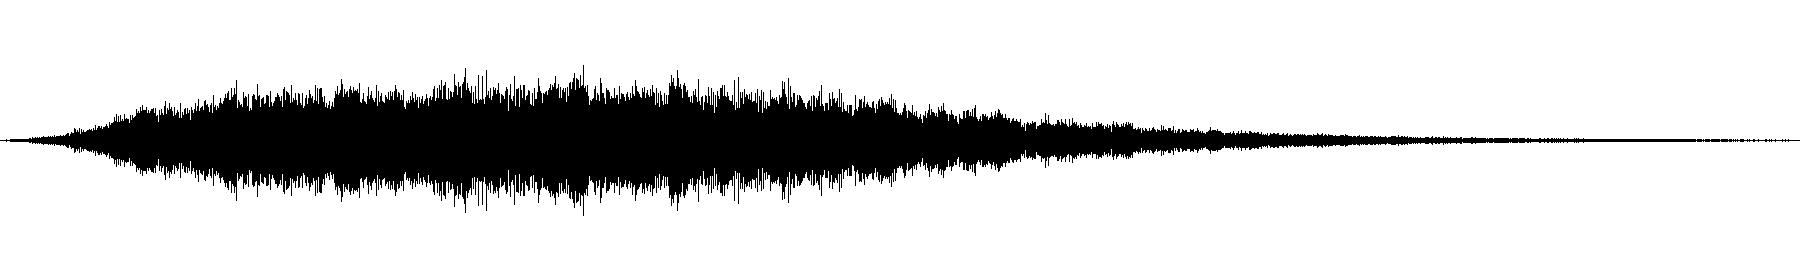 synth choir am6